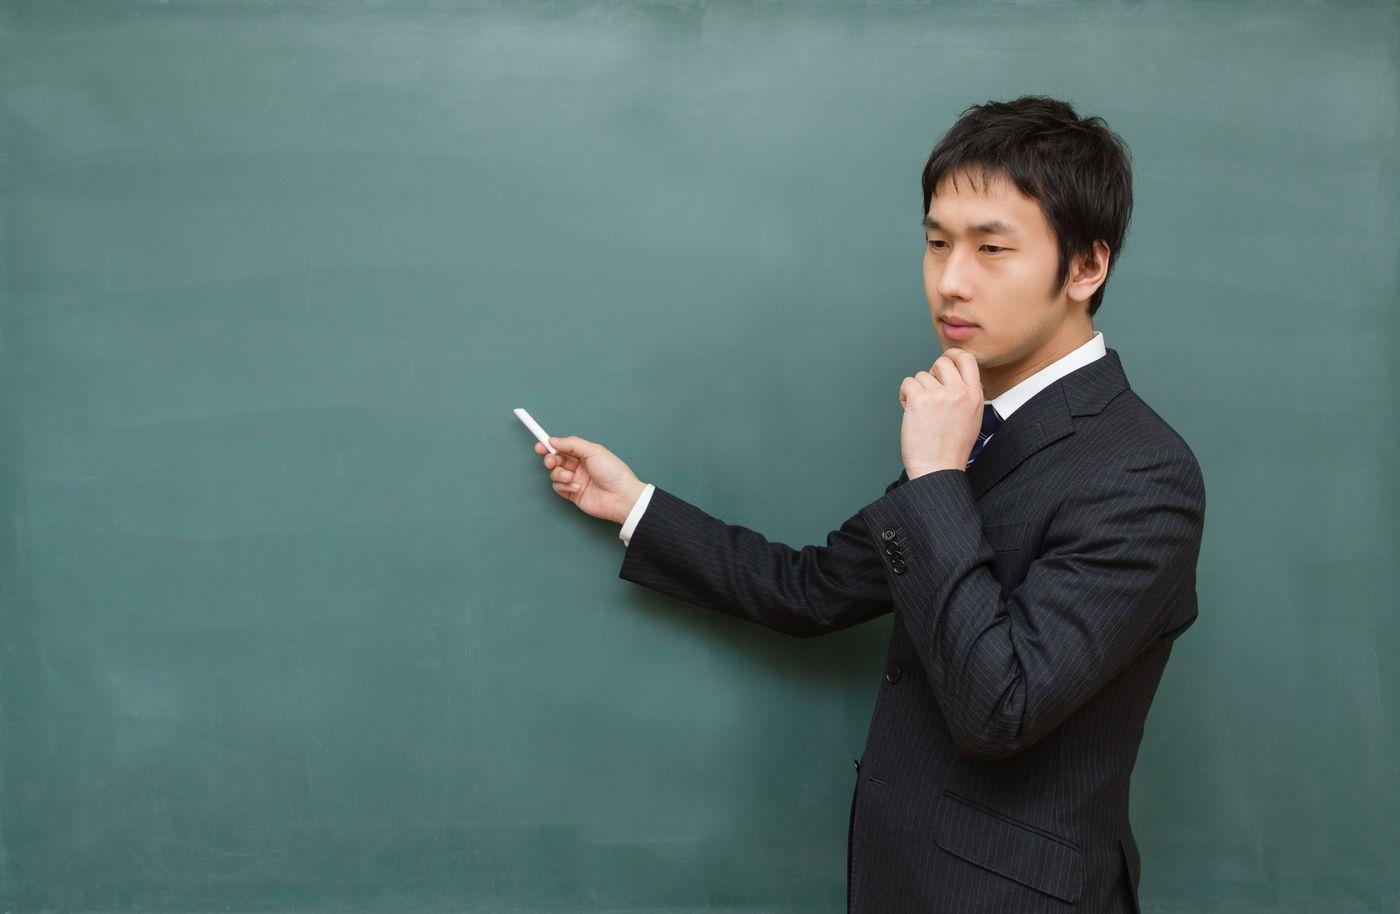 黒板に向かって考えてしまう先生の写真